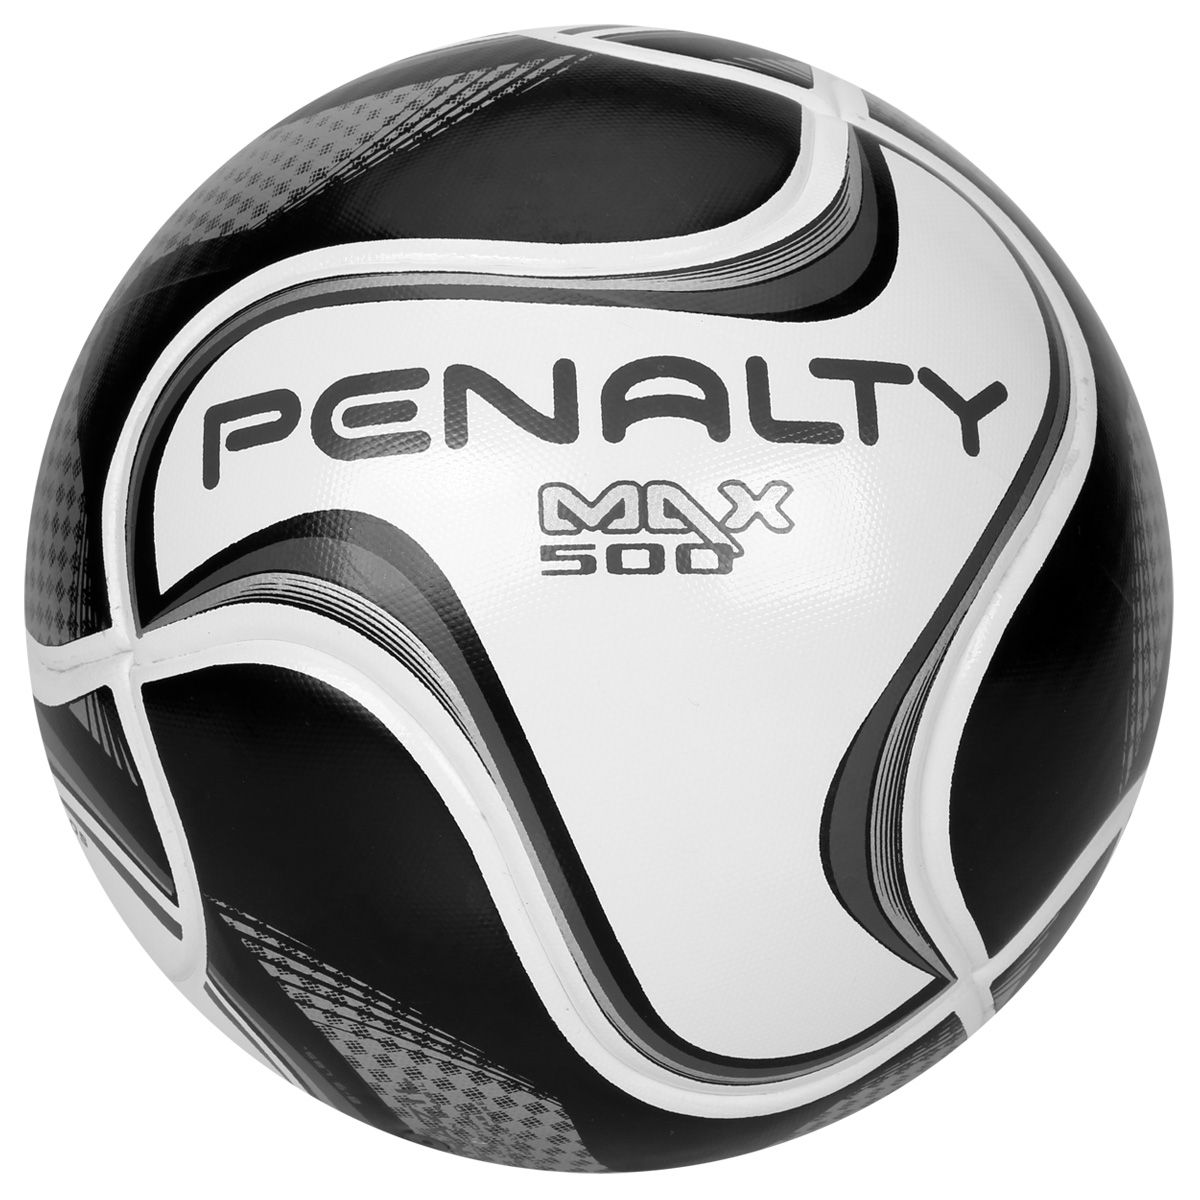 Bola Futsal Max 500 Termotec 6 - Penalty - ESTAÇÃO DO ESPORTE ... 8ad8b944cbeaa